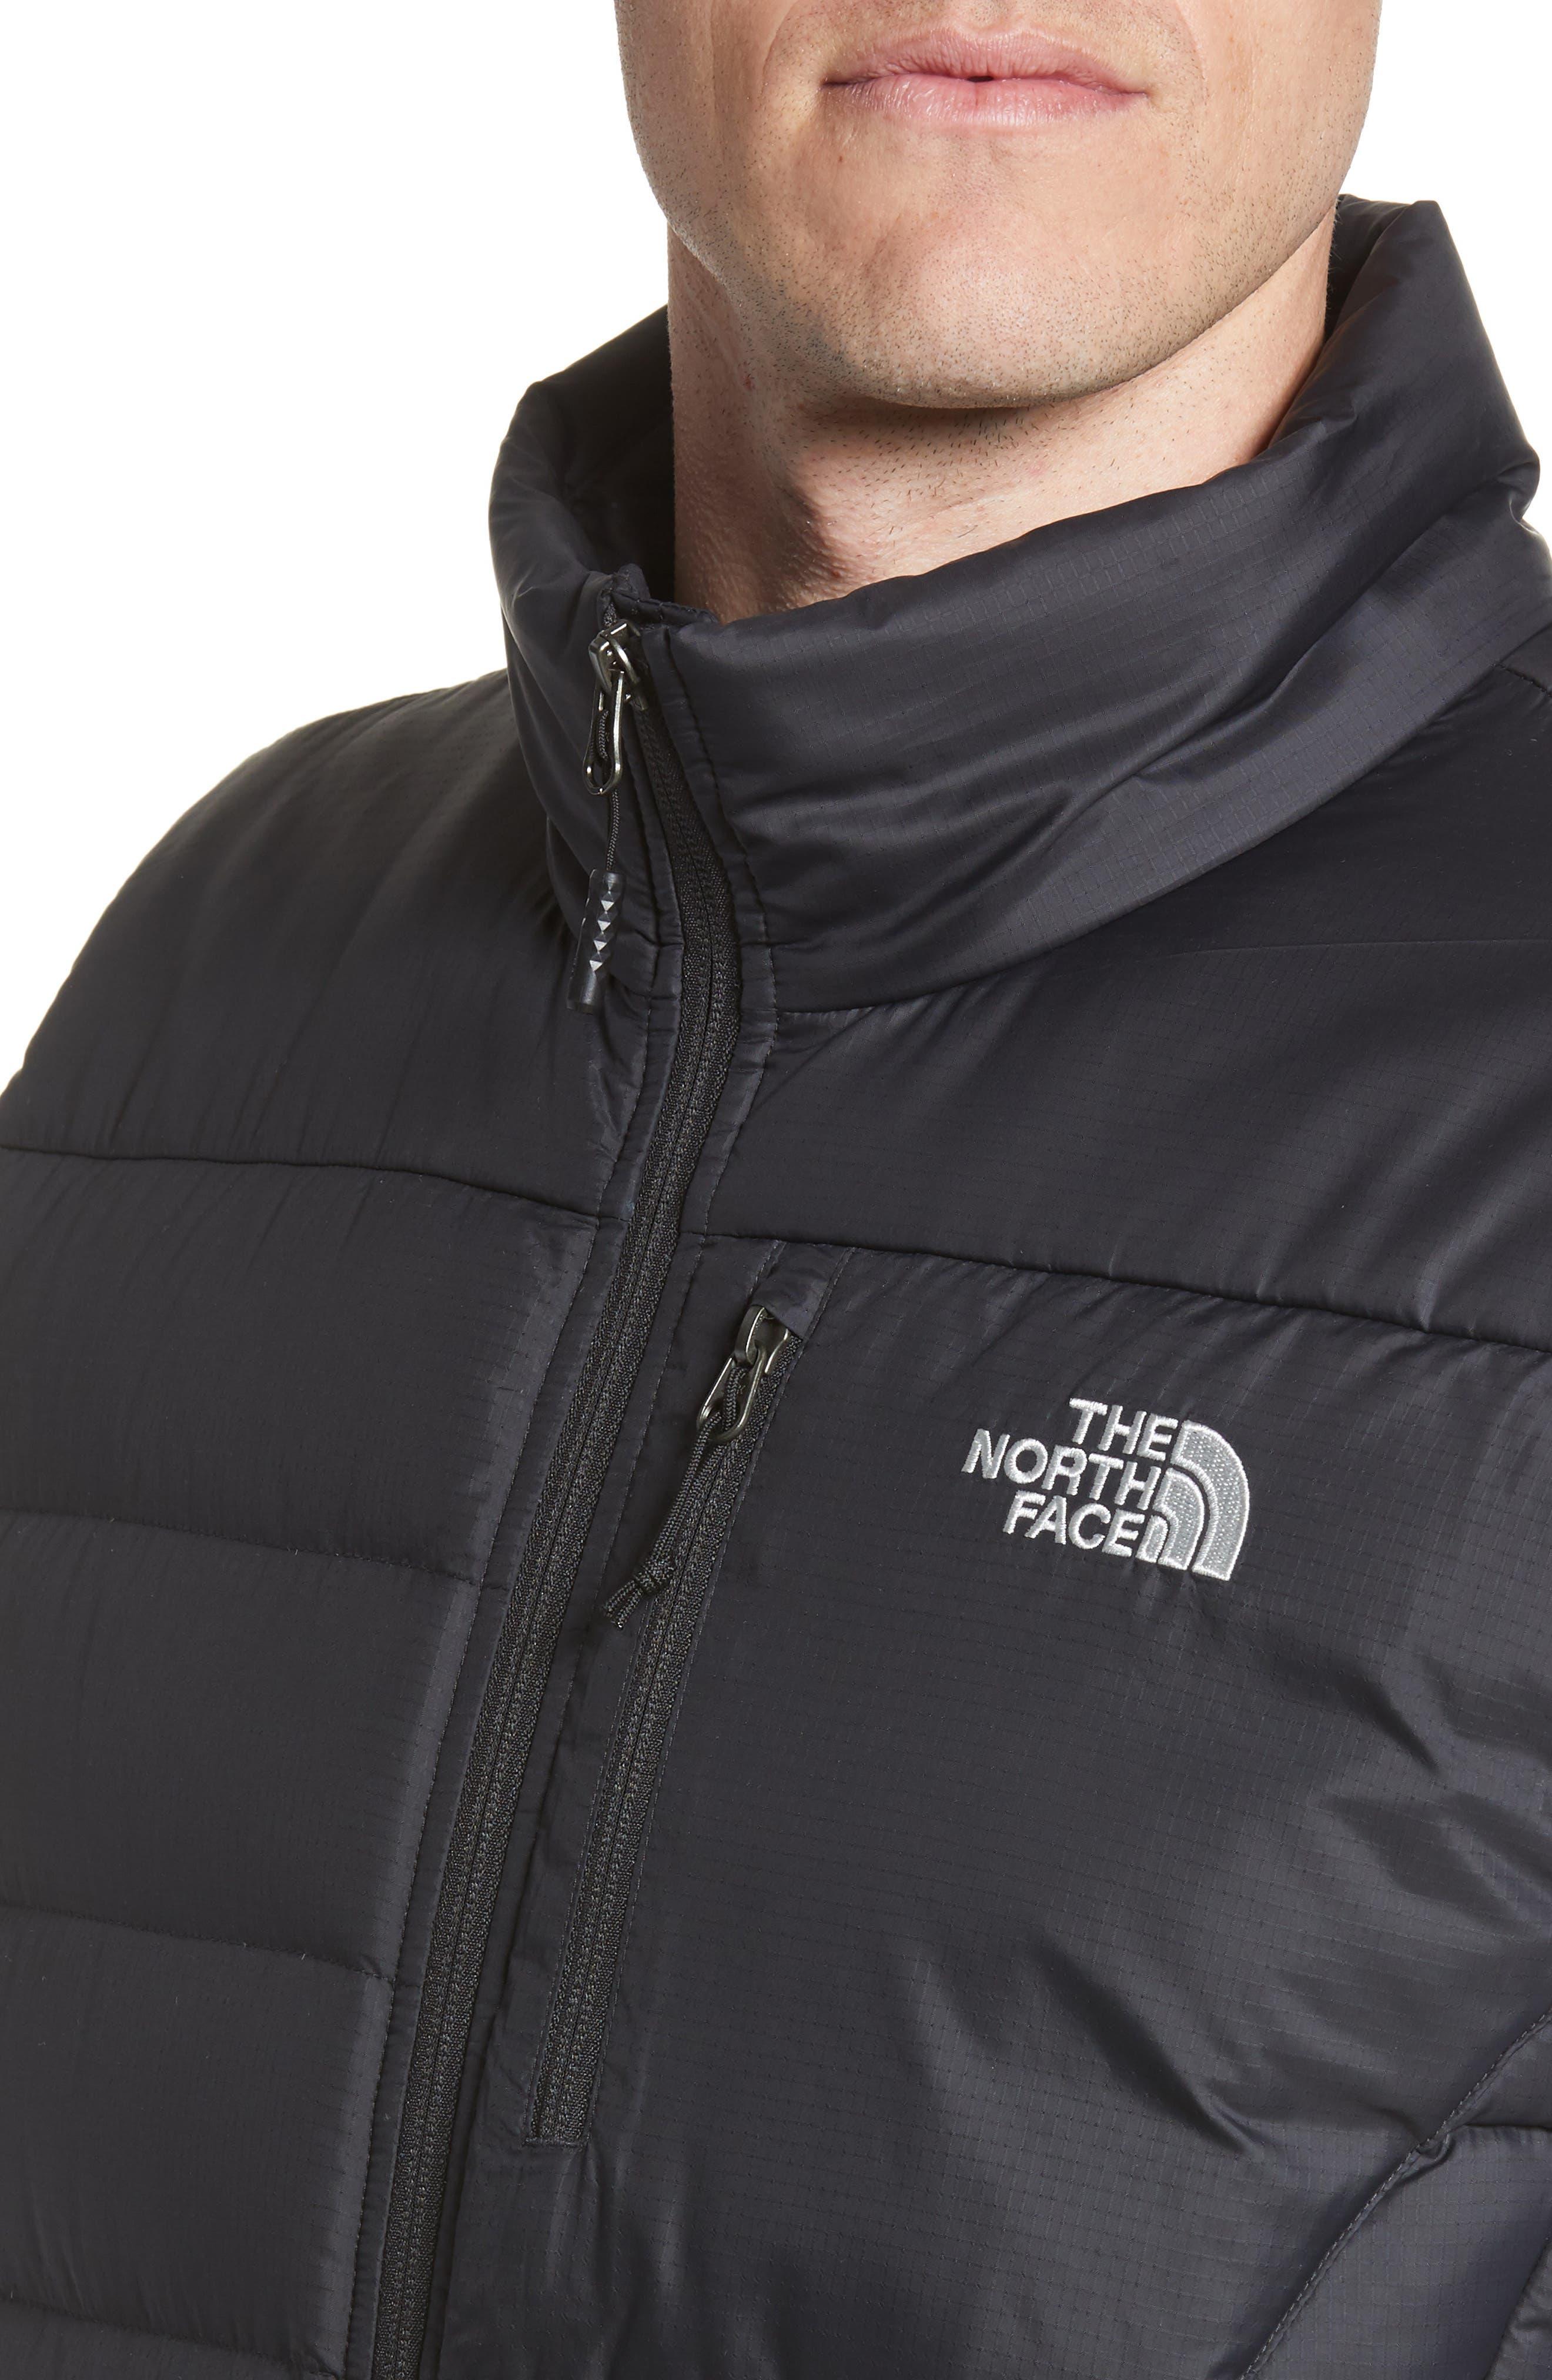 THE NORTH FACE, 'Aconcagua' Goose Down Vest, Alternate thumbnail 6, color, 001